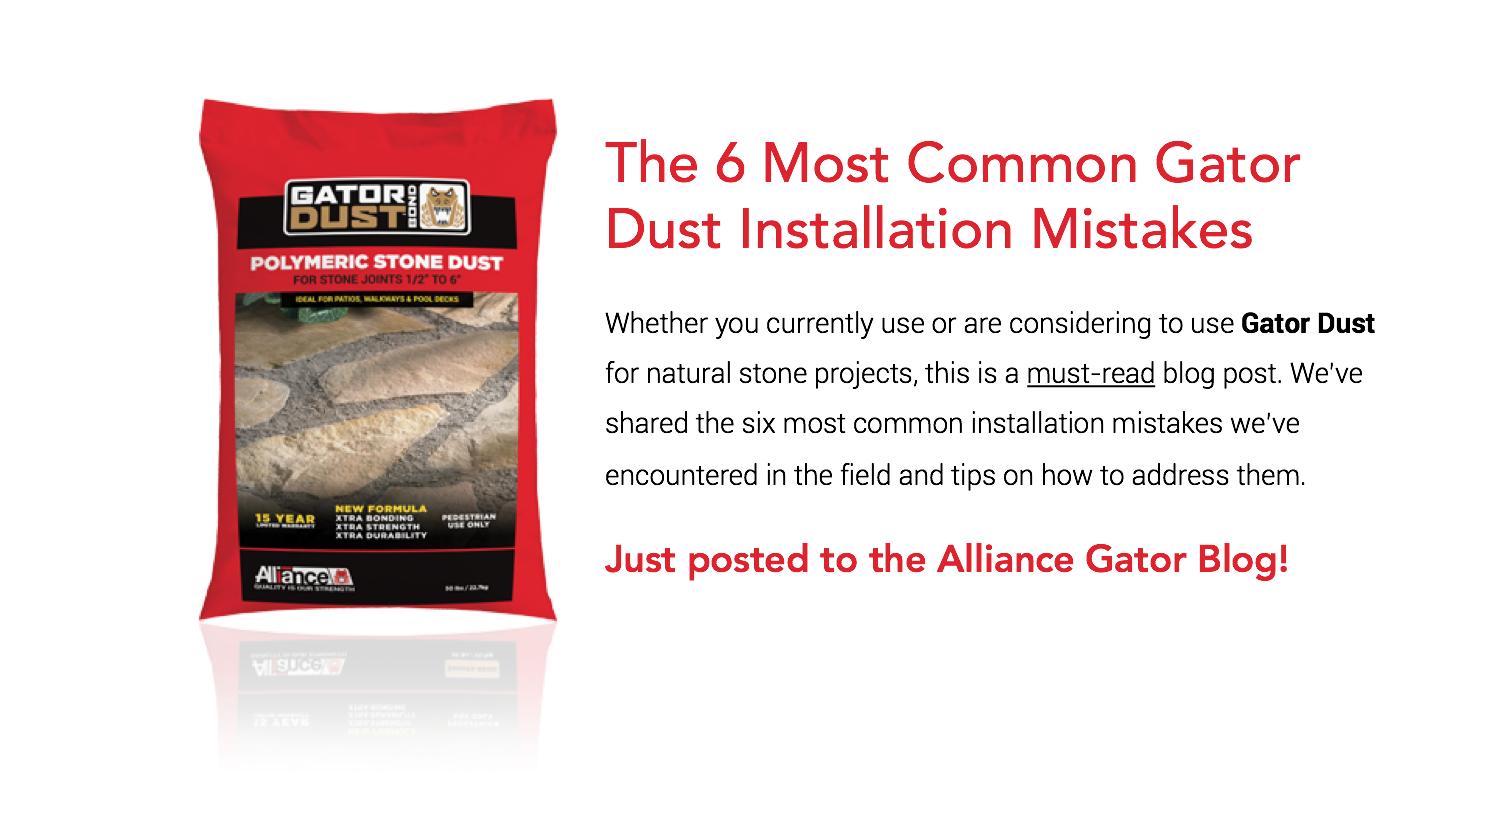 Gator-Dust-Installation-Mistakes-CTA